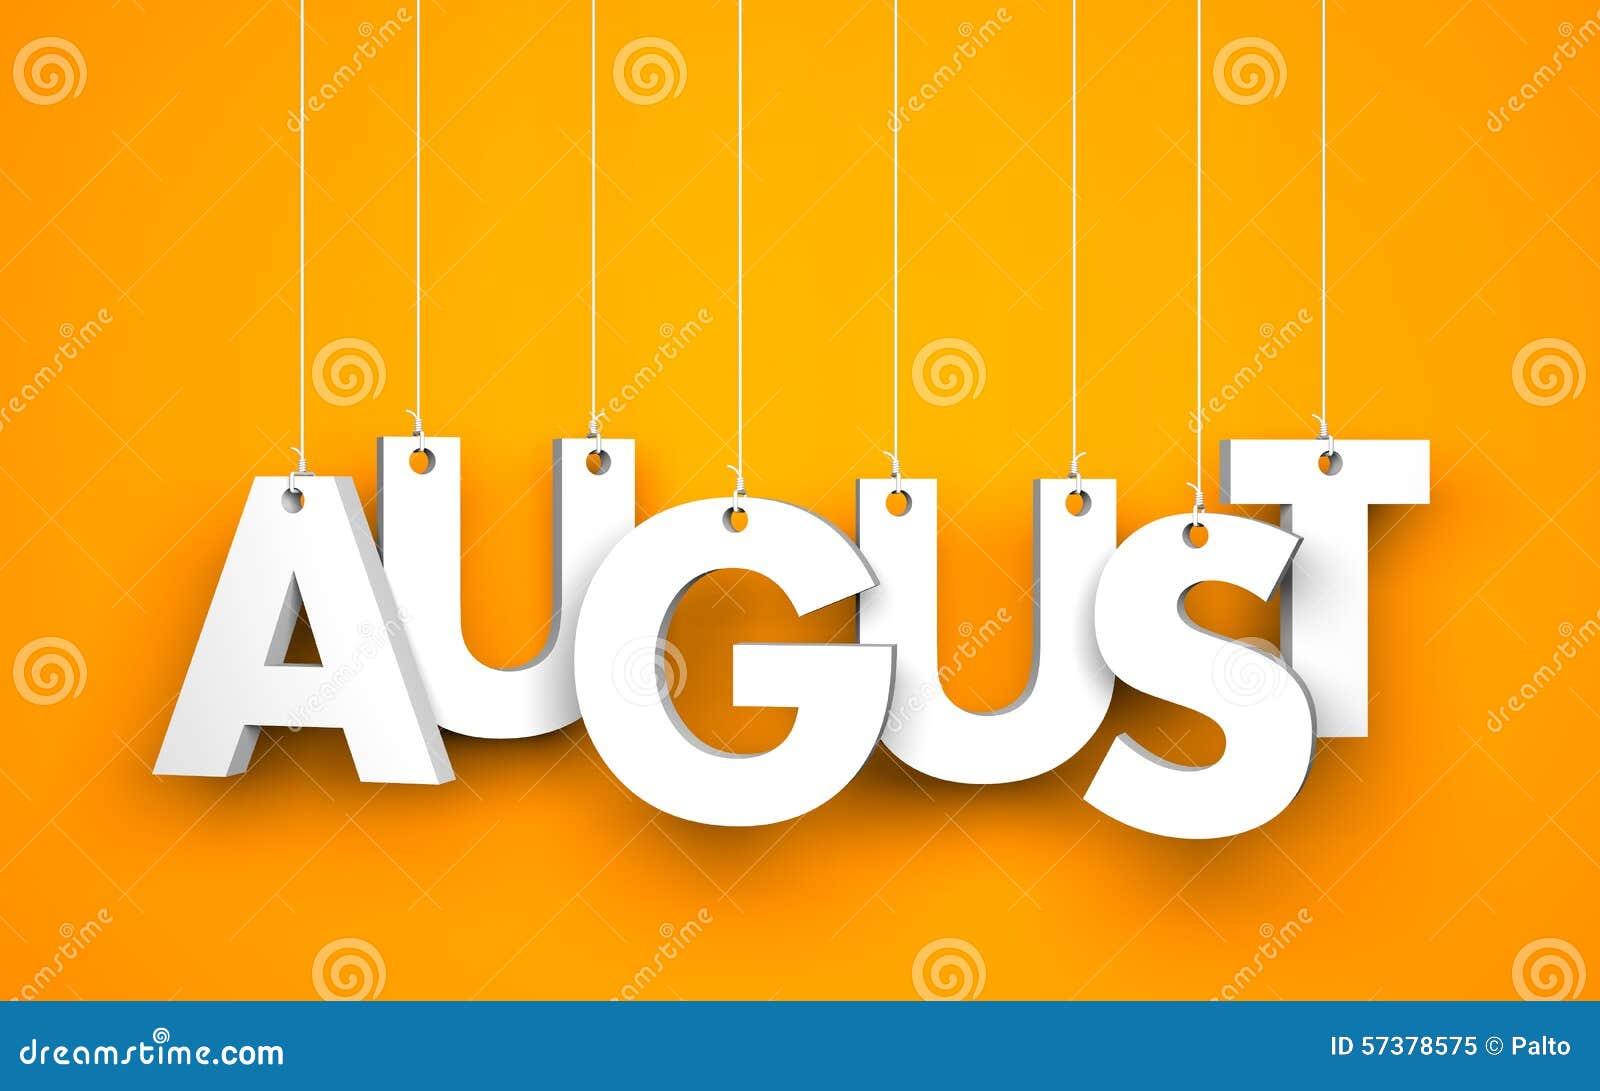 Augustus - 3d woord